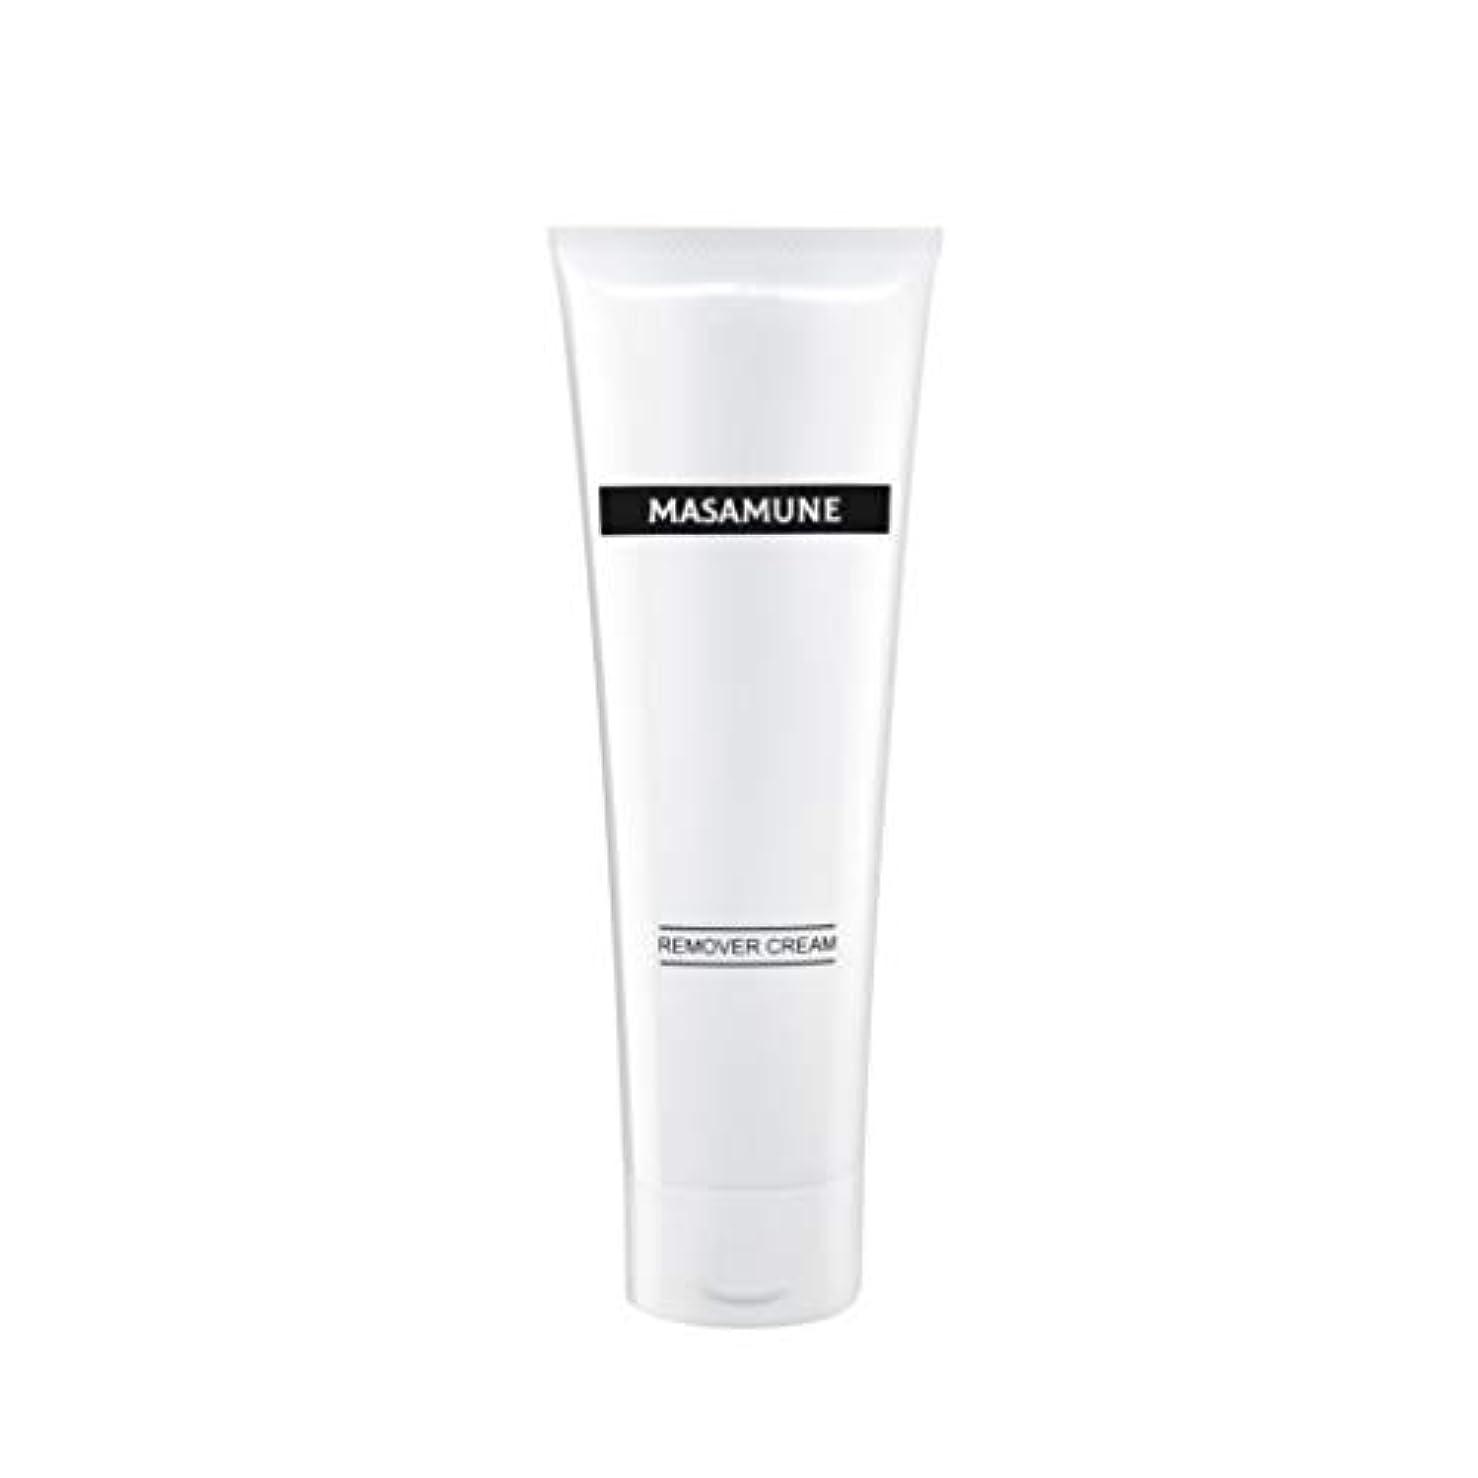 メンズ 除毛クリーム 薬用 リムーバークリーム Vライン ボディ用 200g 医薬部外品 MASAMUNE